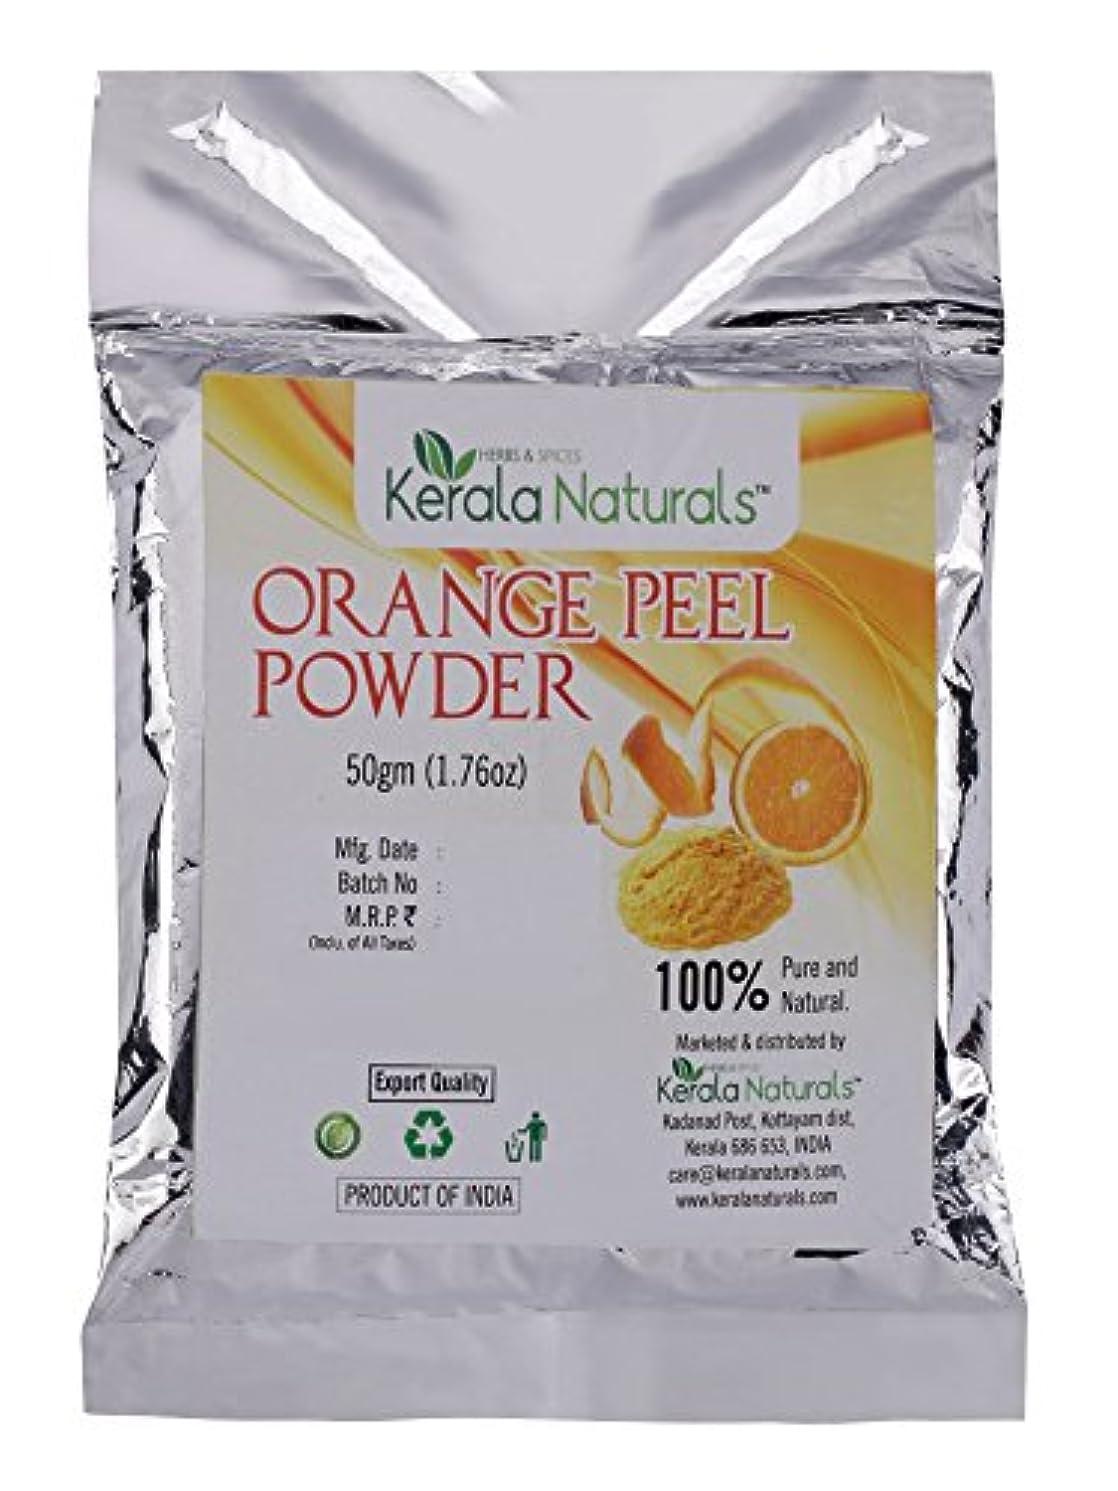 絶対に麦芽マイルOrange Peel Powder 150gm - Natural Pore Cleanser - Helps to eliminate blackheads, blemishes and scars with its natural citrus skin lightening properties - オレンジピールパウダー150gm-ナチュラルポアクレンザー-